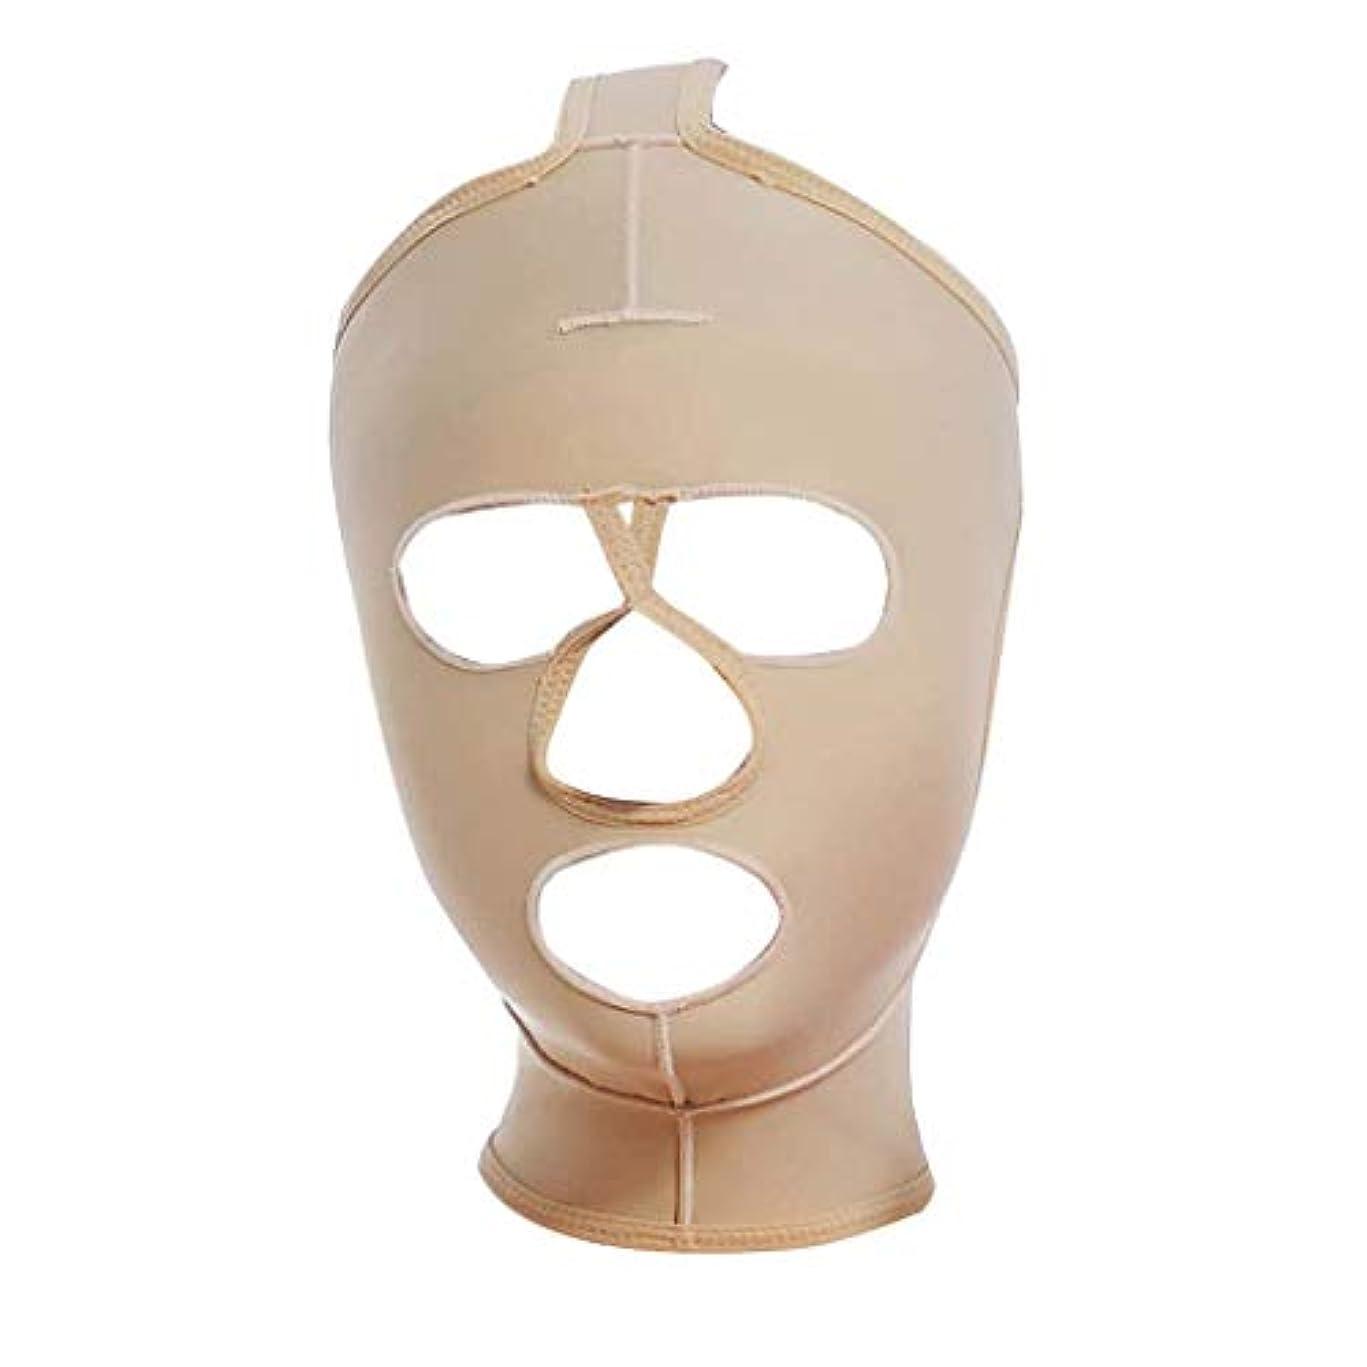 余分な港薬理学フェイス&ネックリフト、減量フェイスマスク脂肪吸引術脂肪吸引術整形マスクフードフェイスリフティングアーティファクトVフェイスビームフェイス弾性スリーブ(サイズ:XXL),S